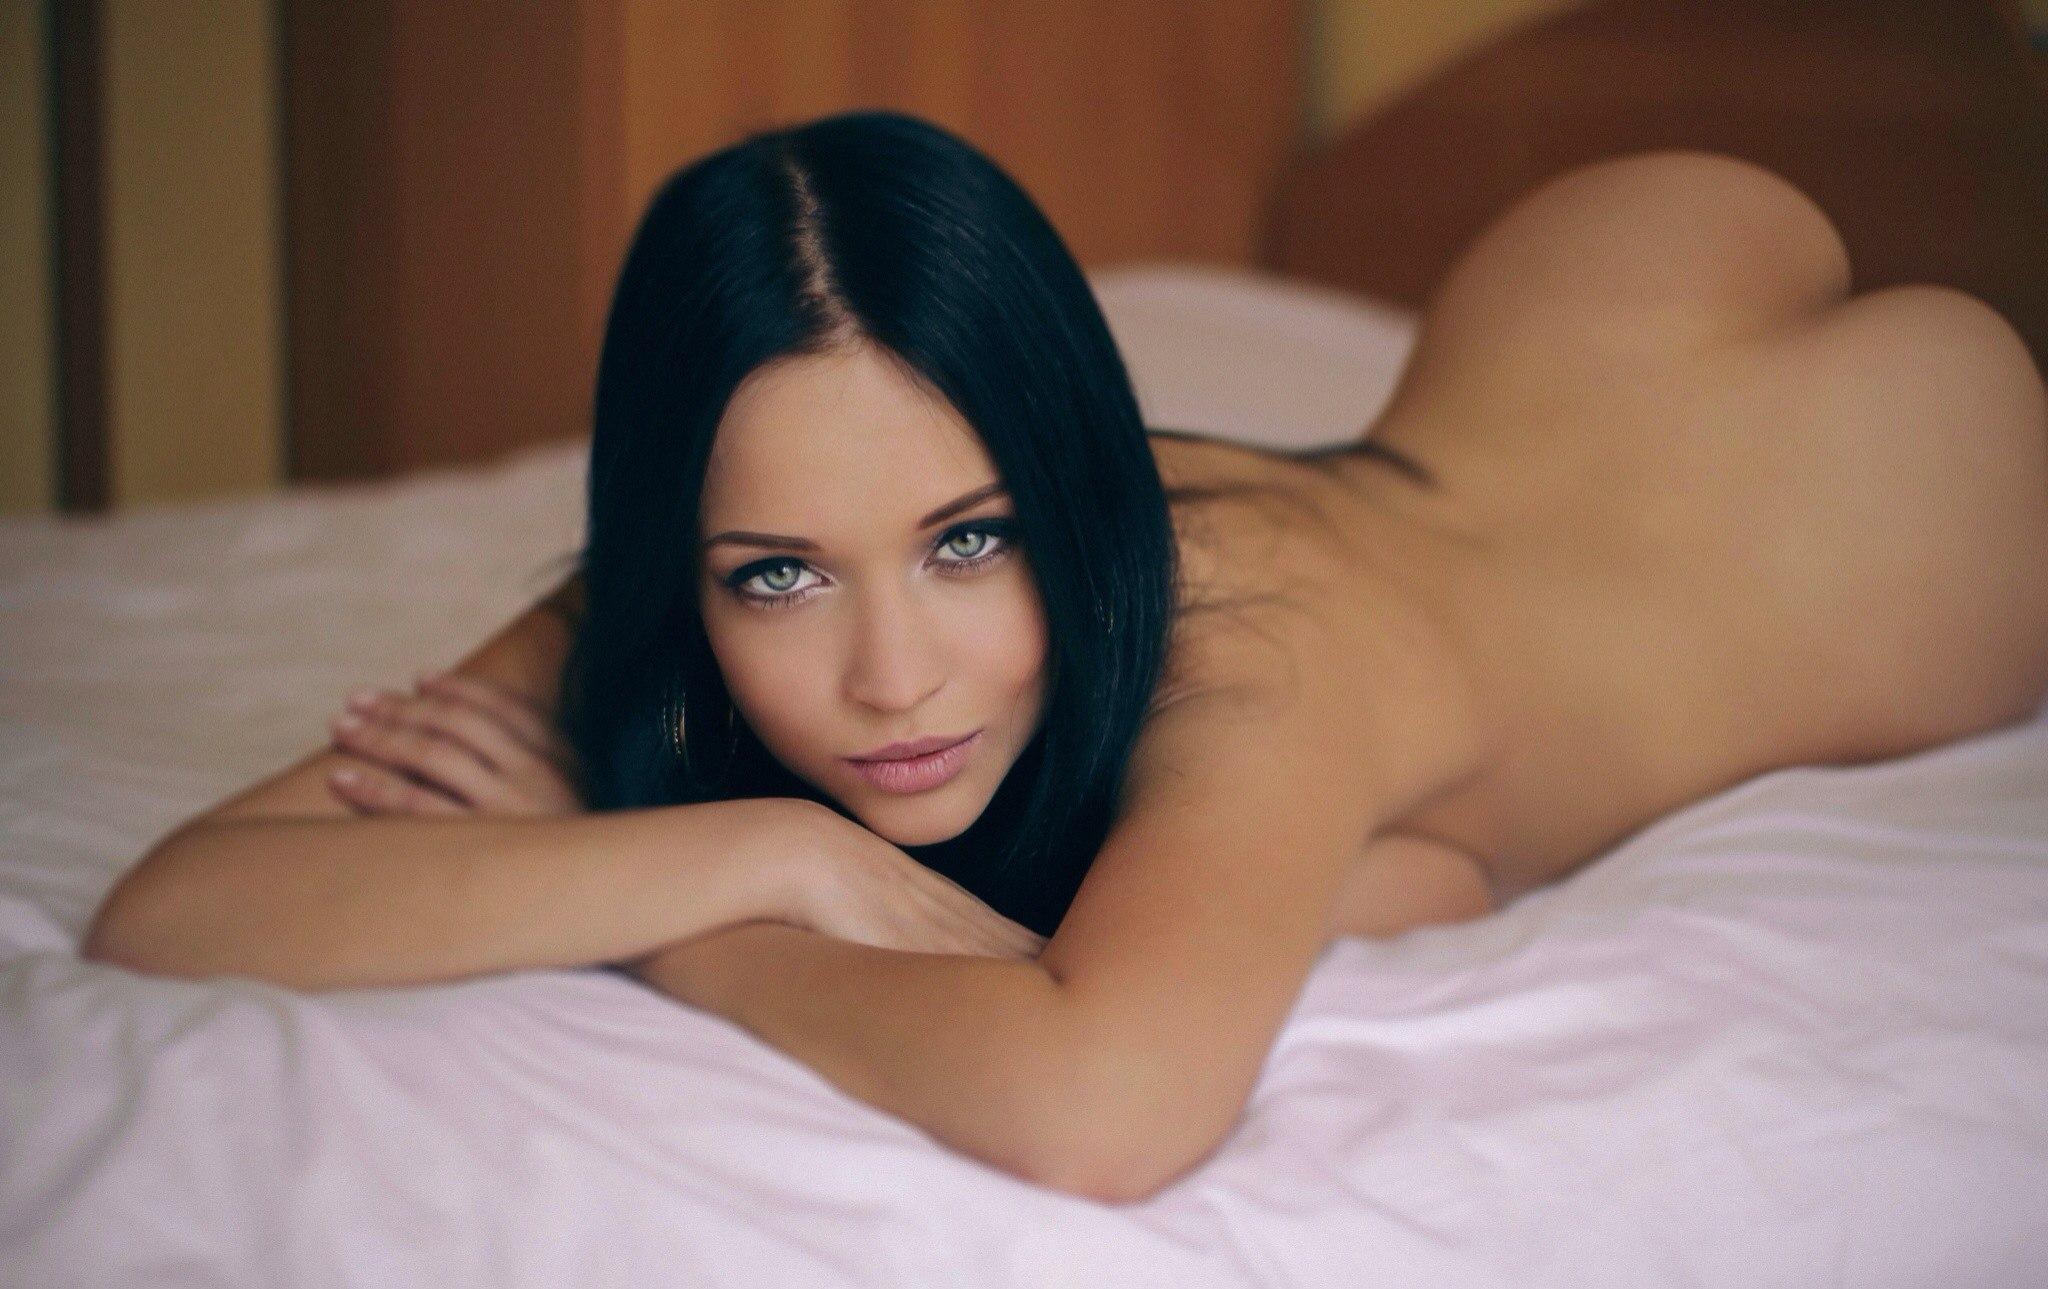 Эротическая фотомодель анна из г владивостока